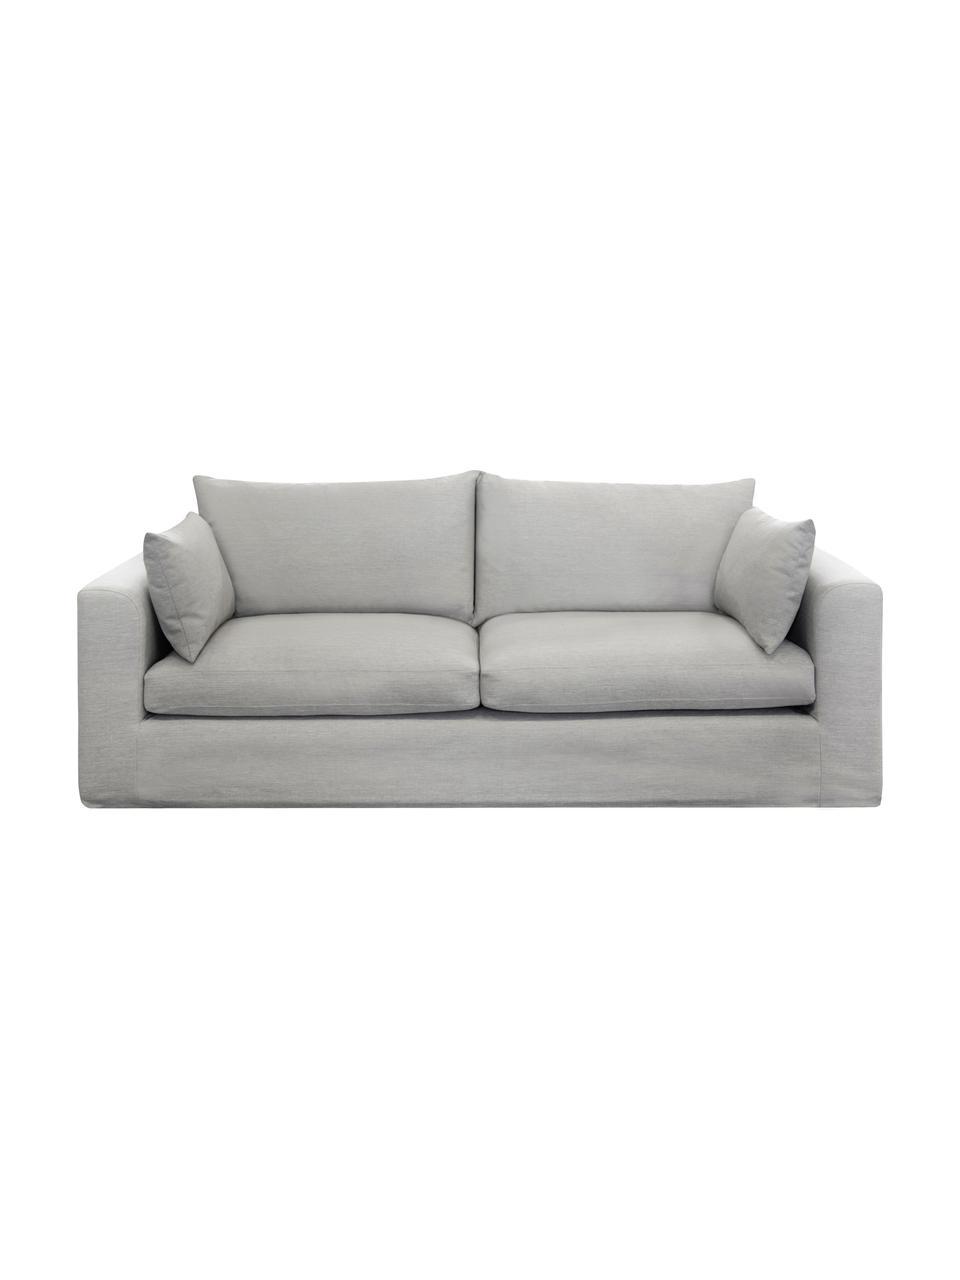 Sofa Zach (3-Sitzer) in Taupe, Bezug: Polypropylen Der hochwert, Füße: Kunststoff, Webstoff Taupe, B 231 x T 90 cm